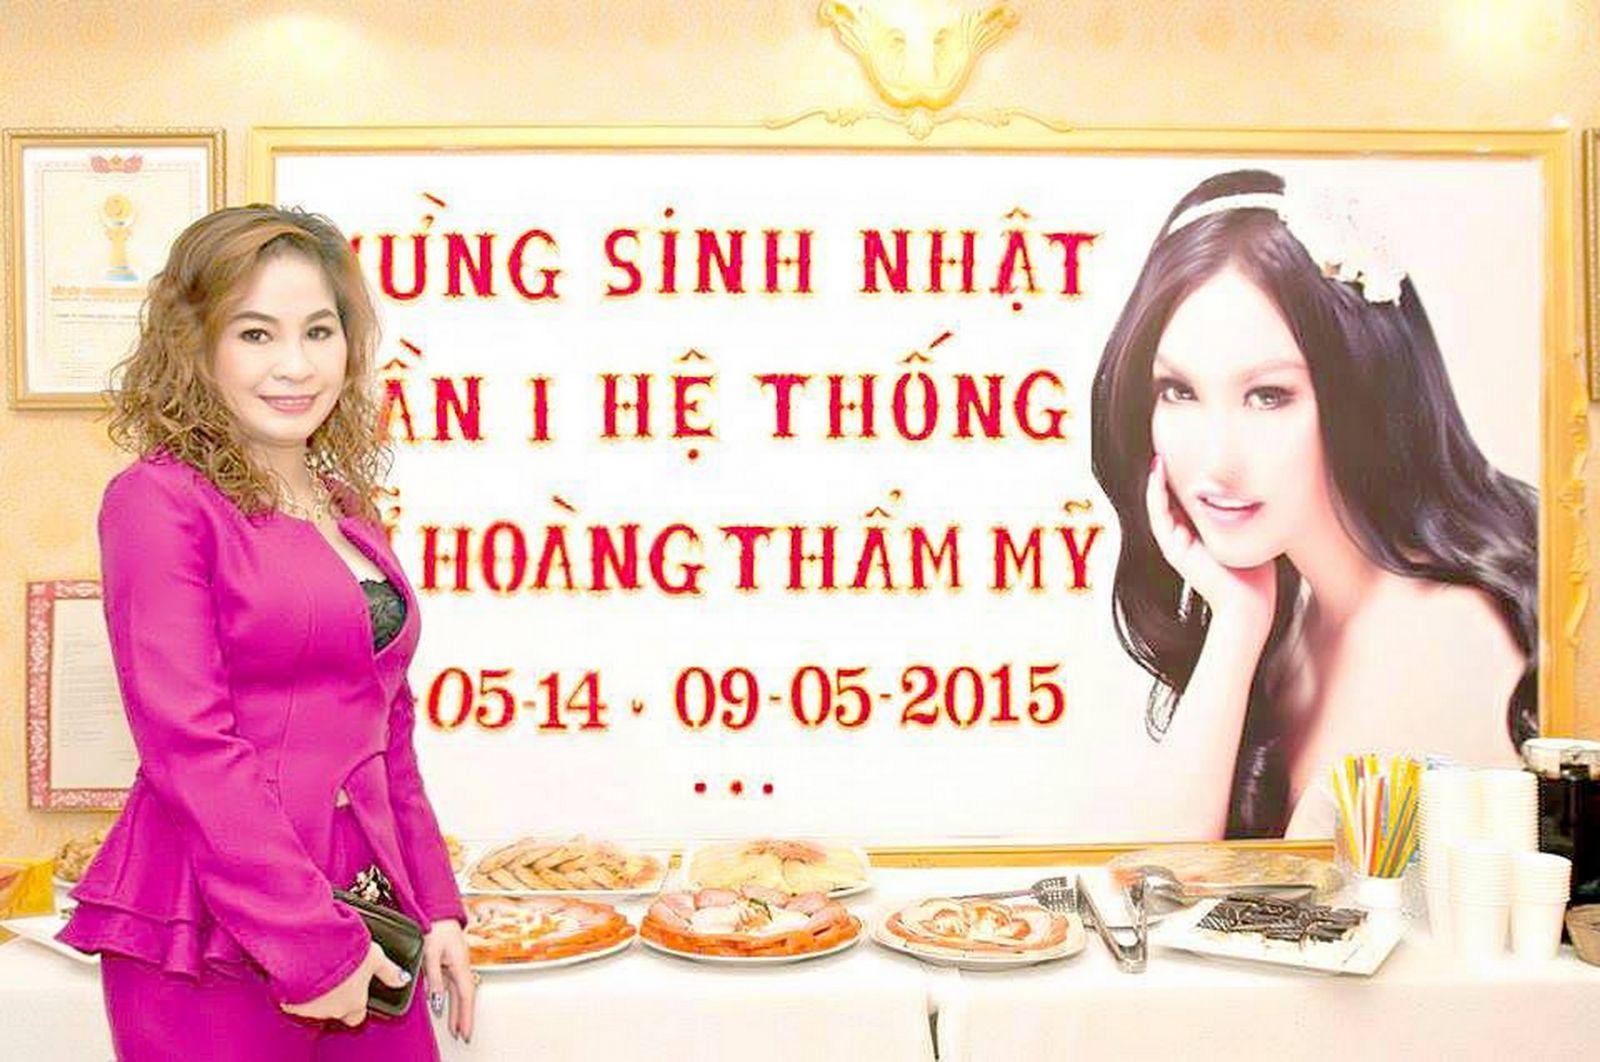 Giám đốc Spa Nữ hoàng thẩm mỹ Trần Ngọc Mỹ chia sẻ bí quyết kinh doanh spa